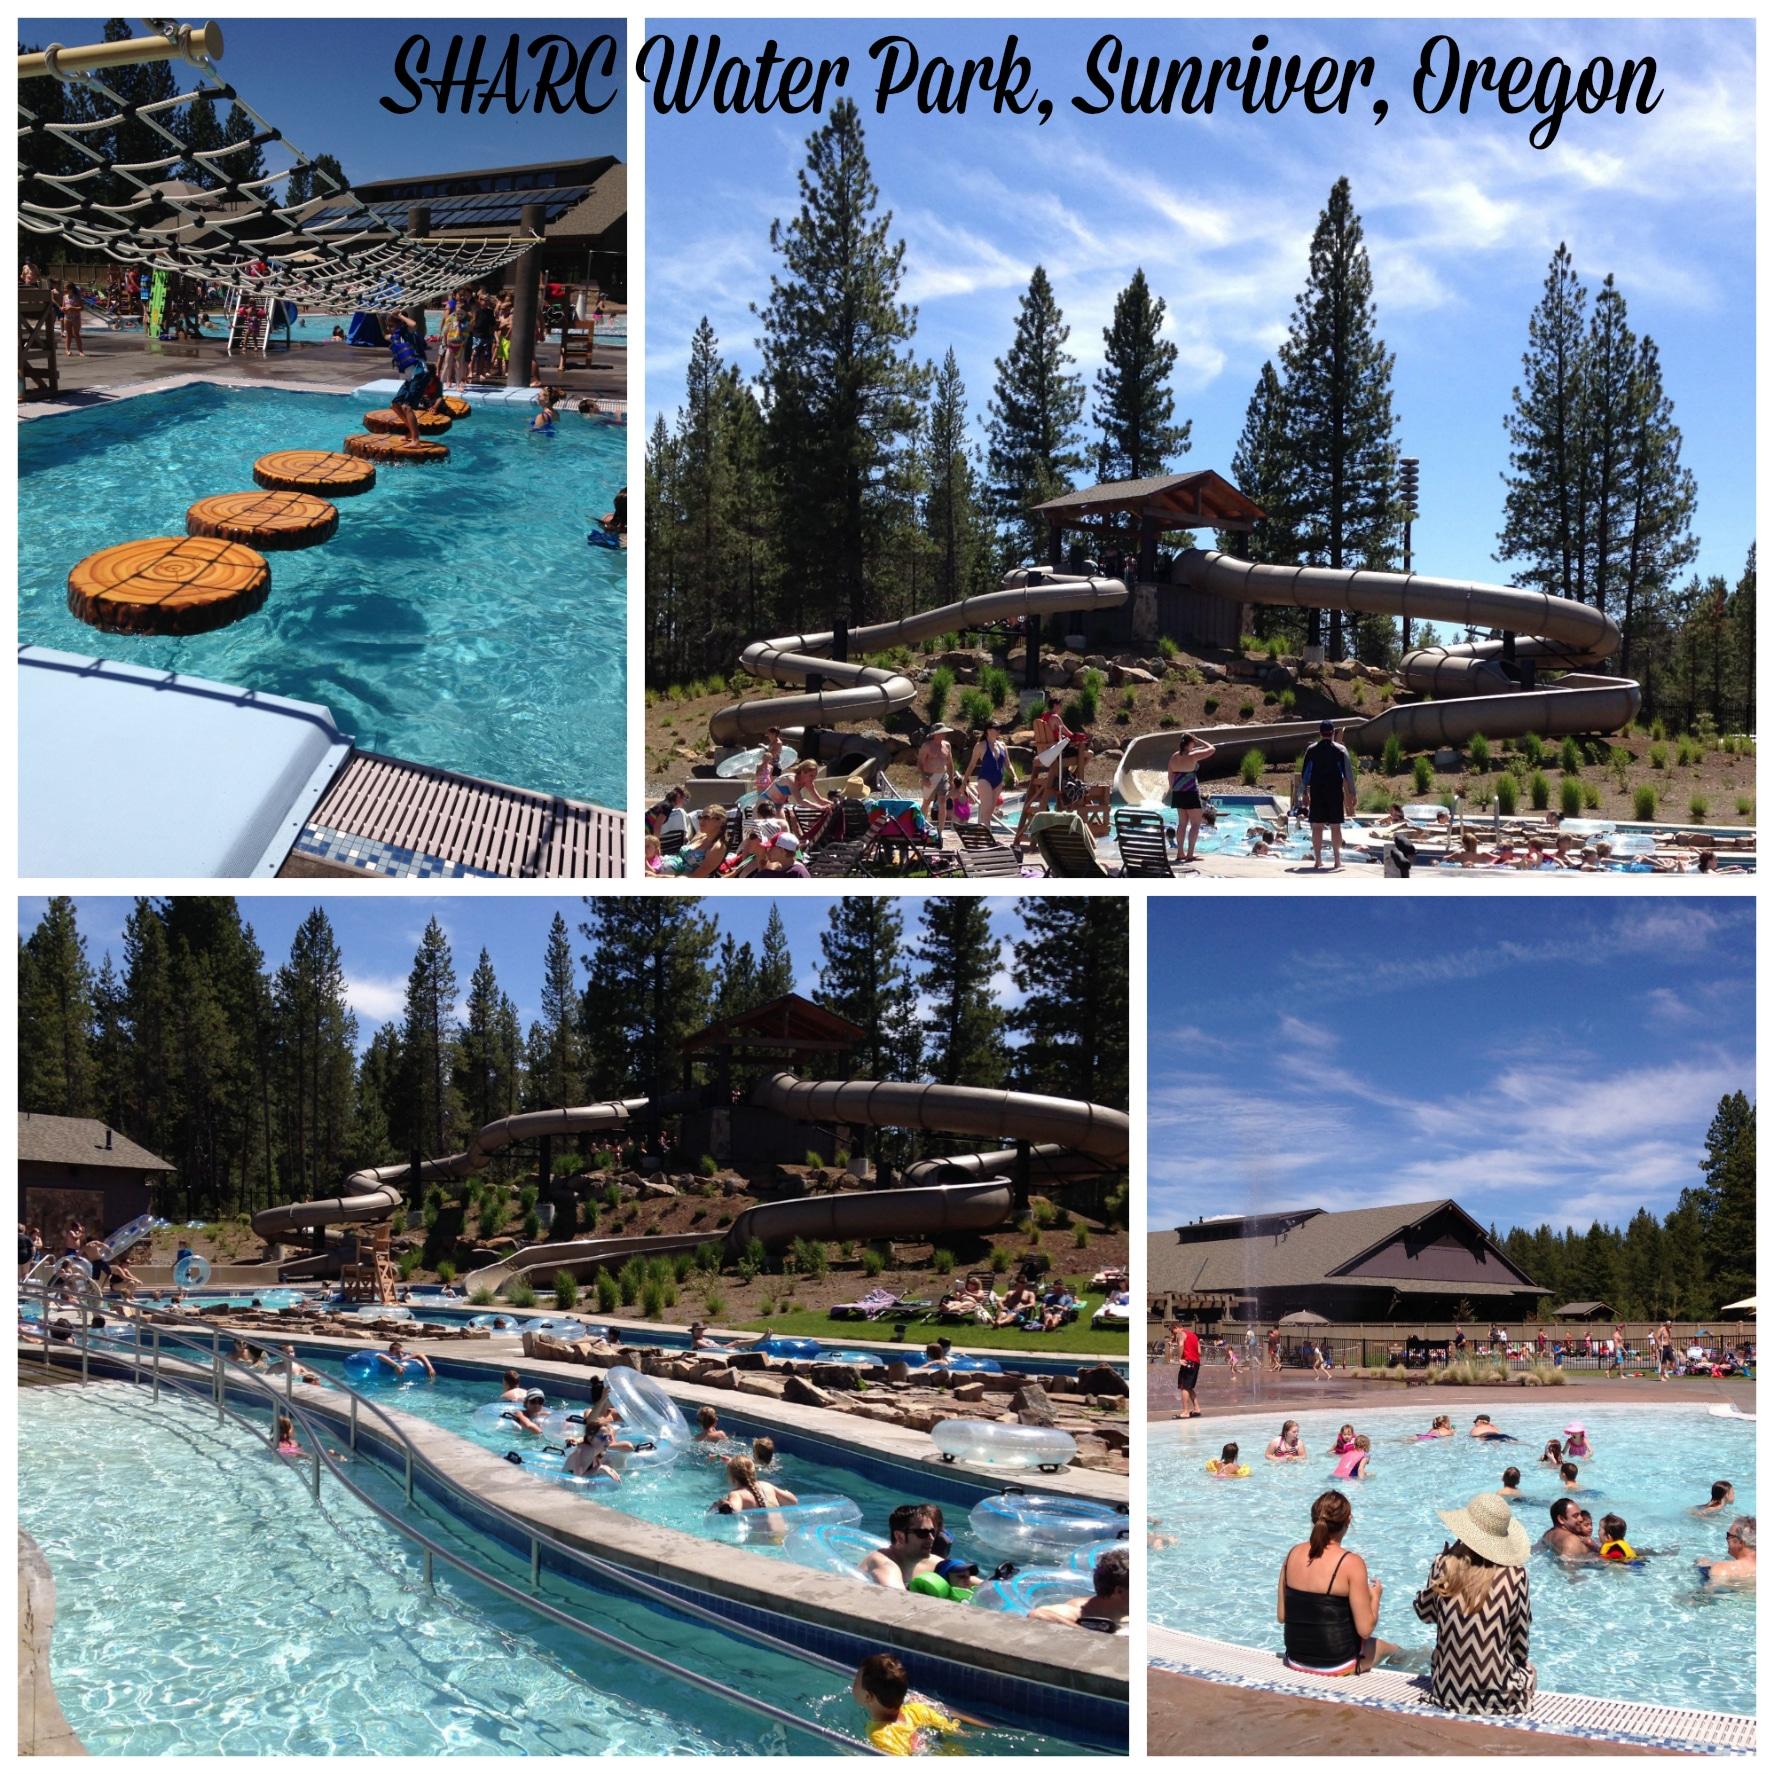 SHARC collage - Sunriver Oregon